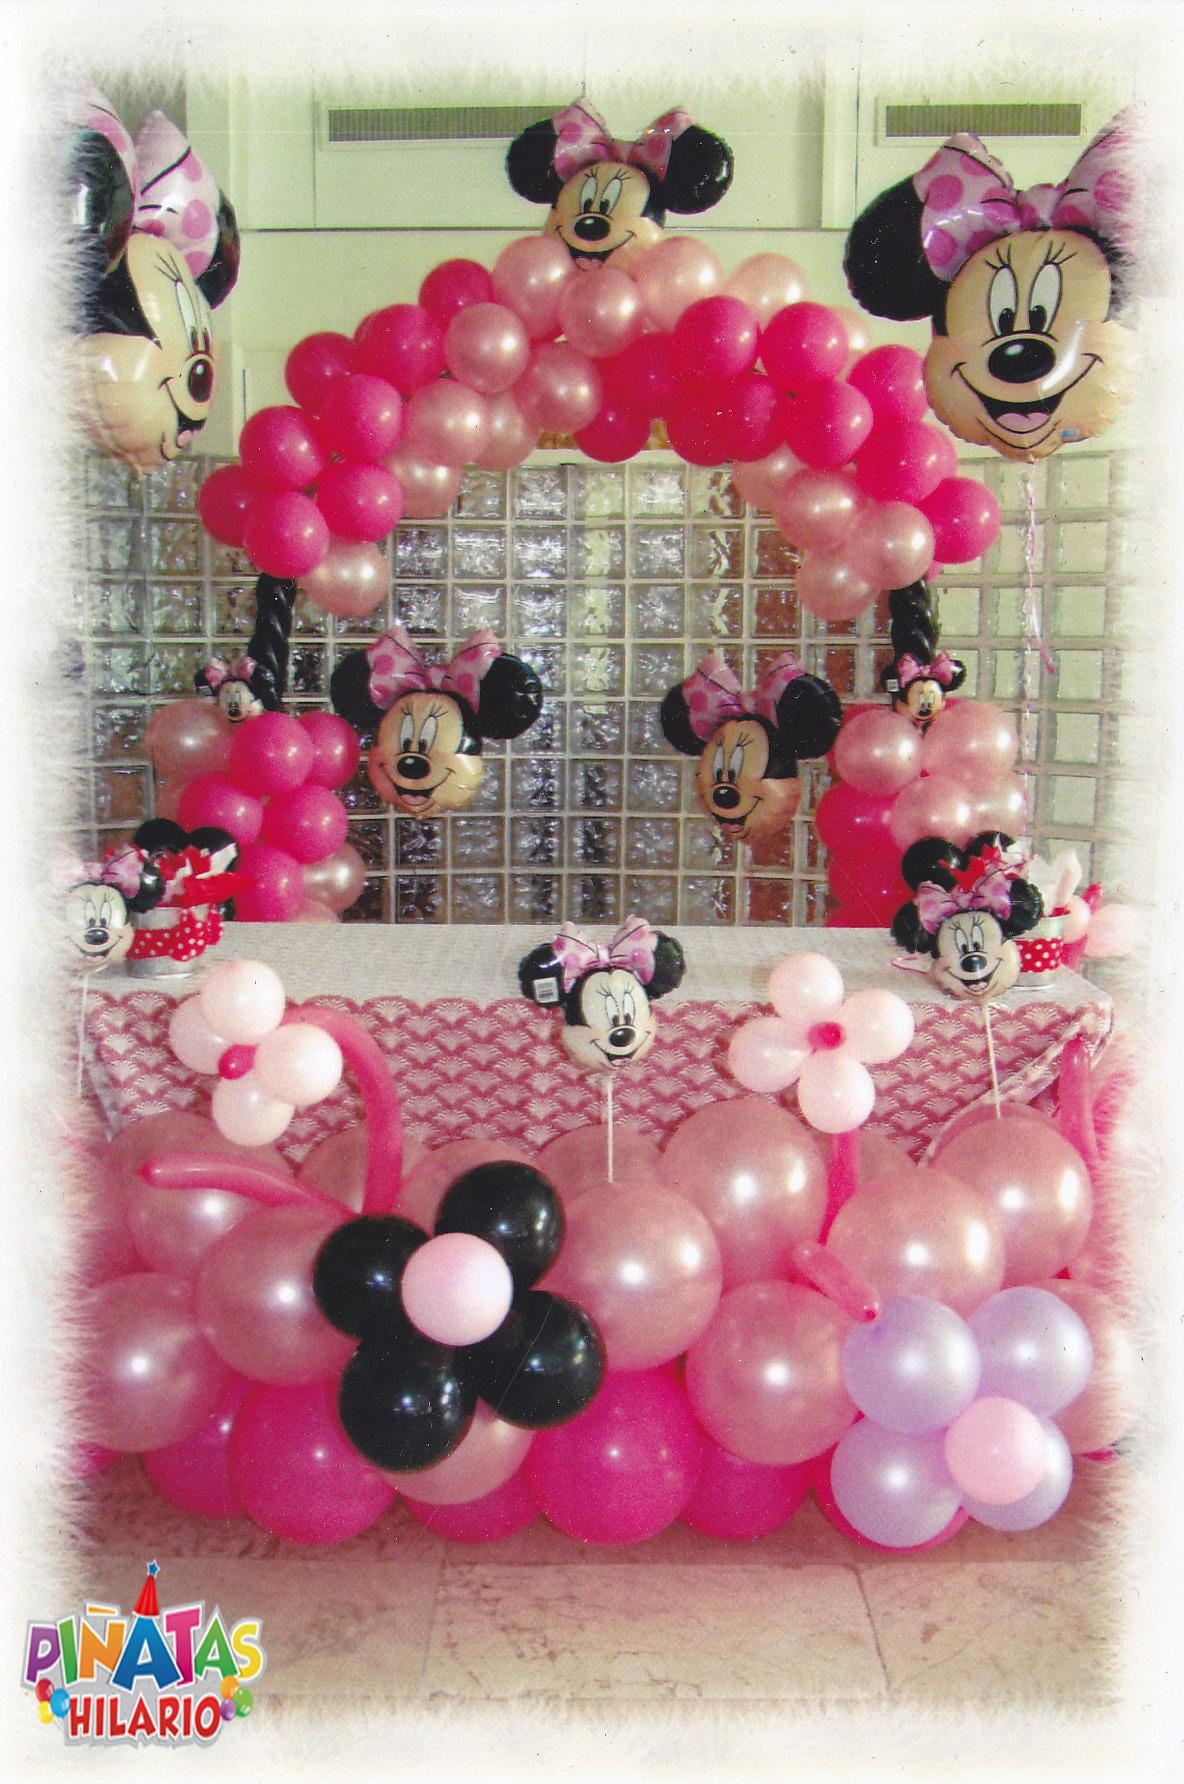 Decorations pinatas hilario party supplies - Imagenes de decoracion ...